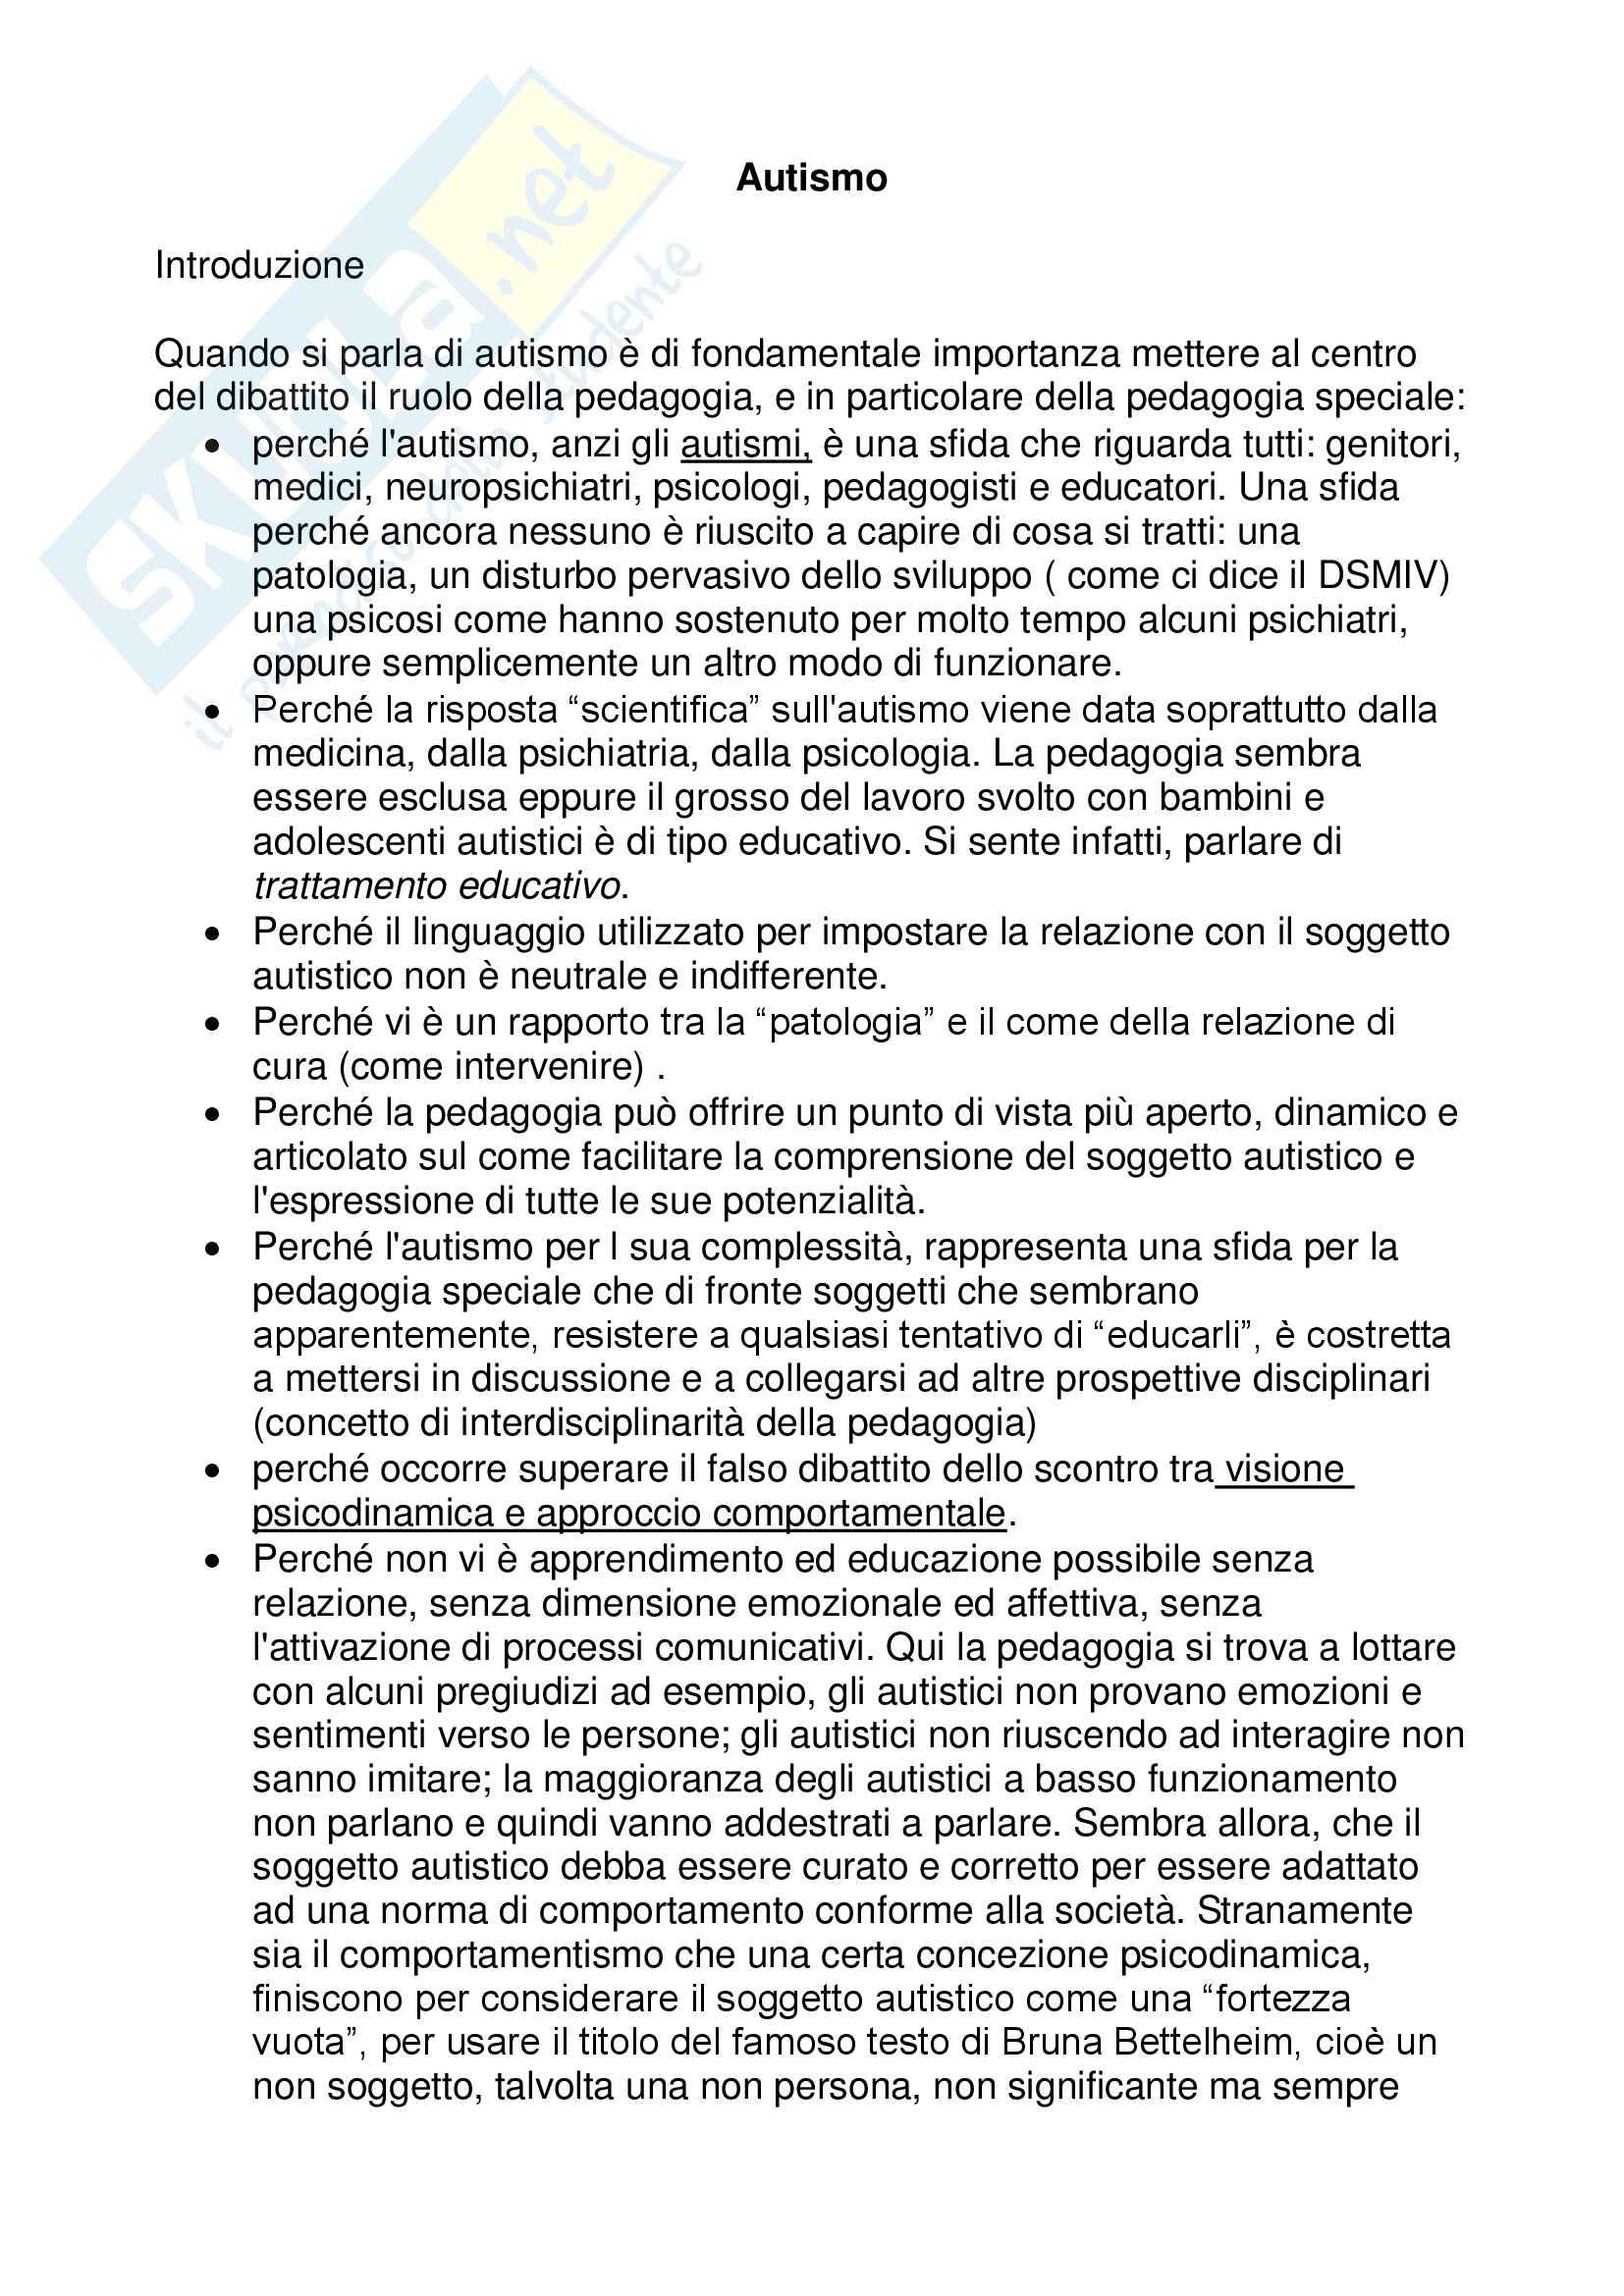 """Riassunto esame Pedagogia speciale, della marginalità e della devianza minorile, prof. Smeriglio Donatello, libro consigliato """"Autismo. Una sfida per la pedagogia speciale"""", Autore """"Goussot Alain"""""""